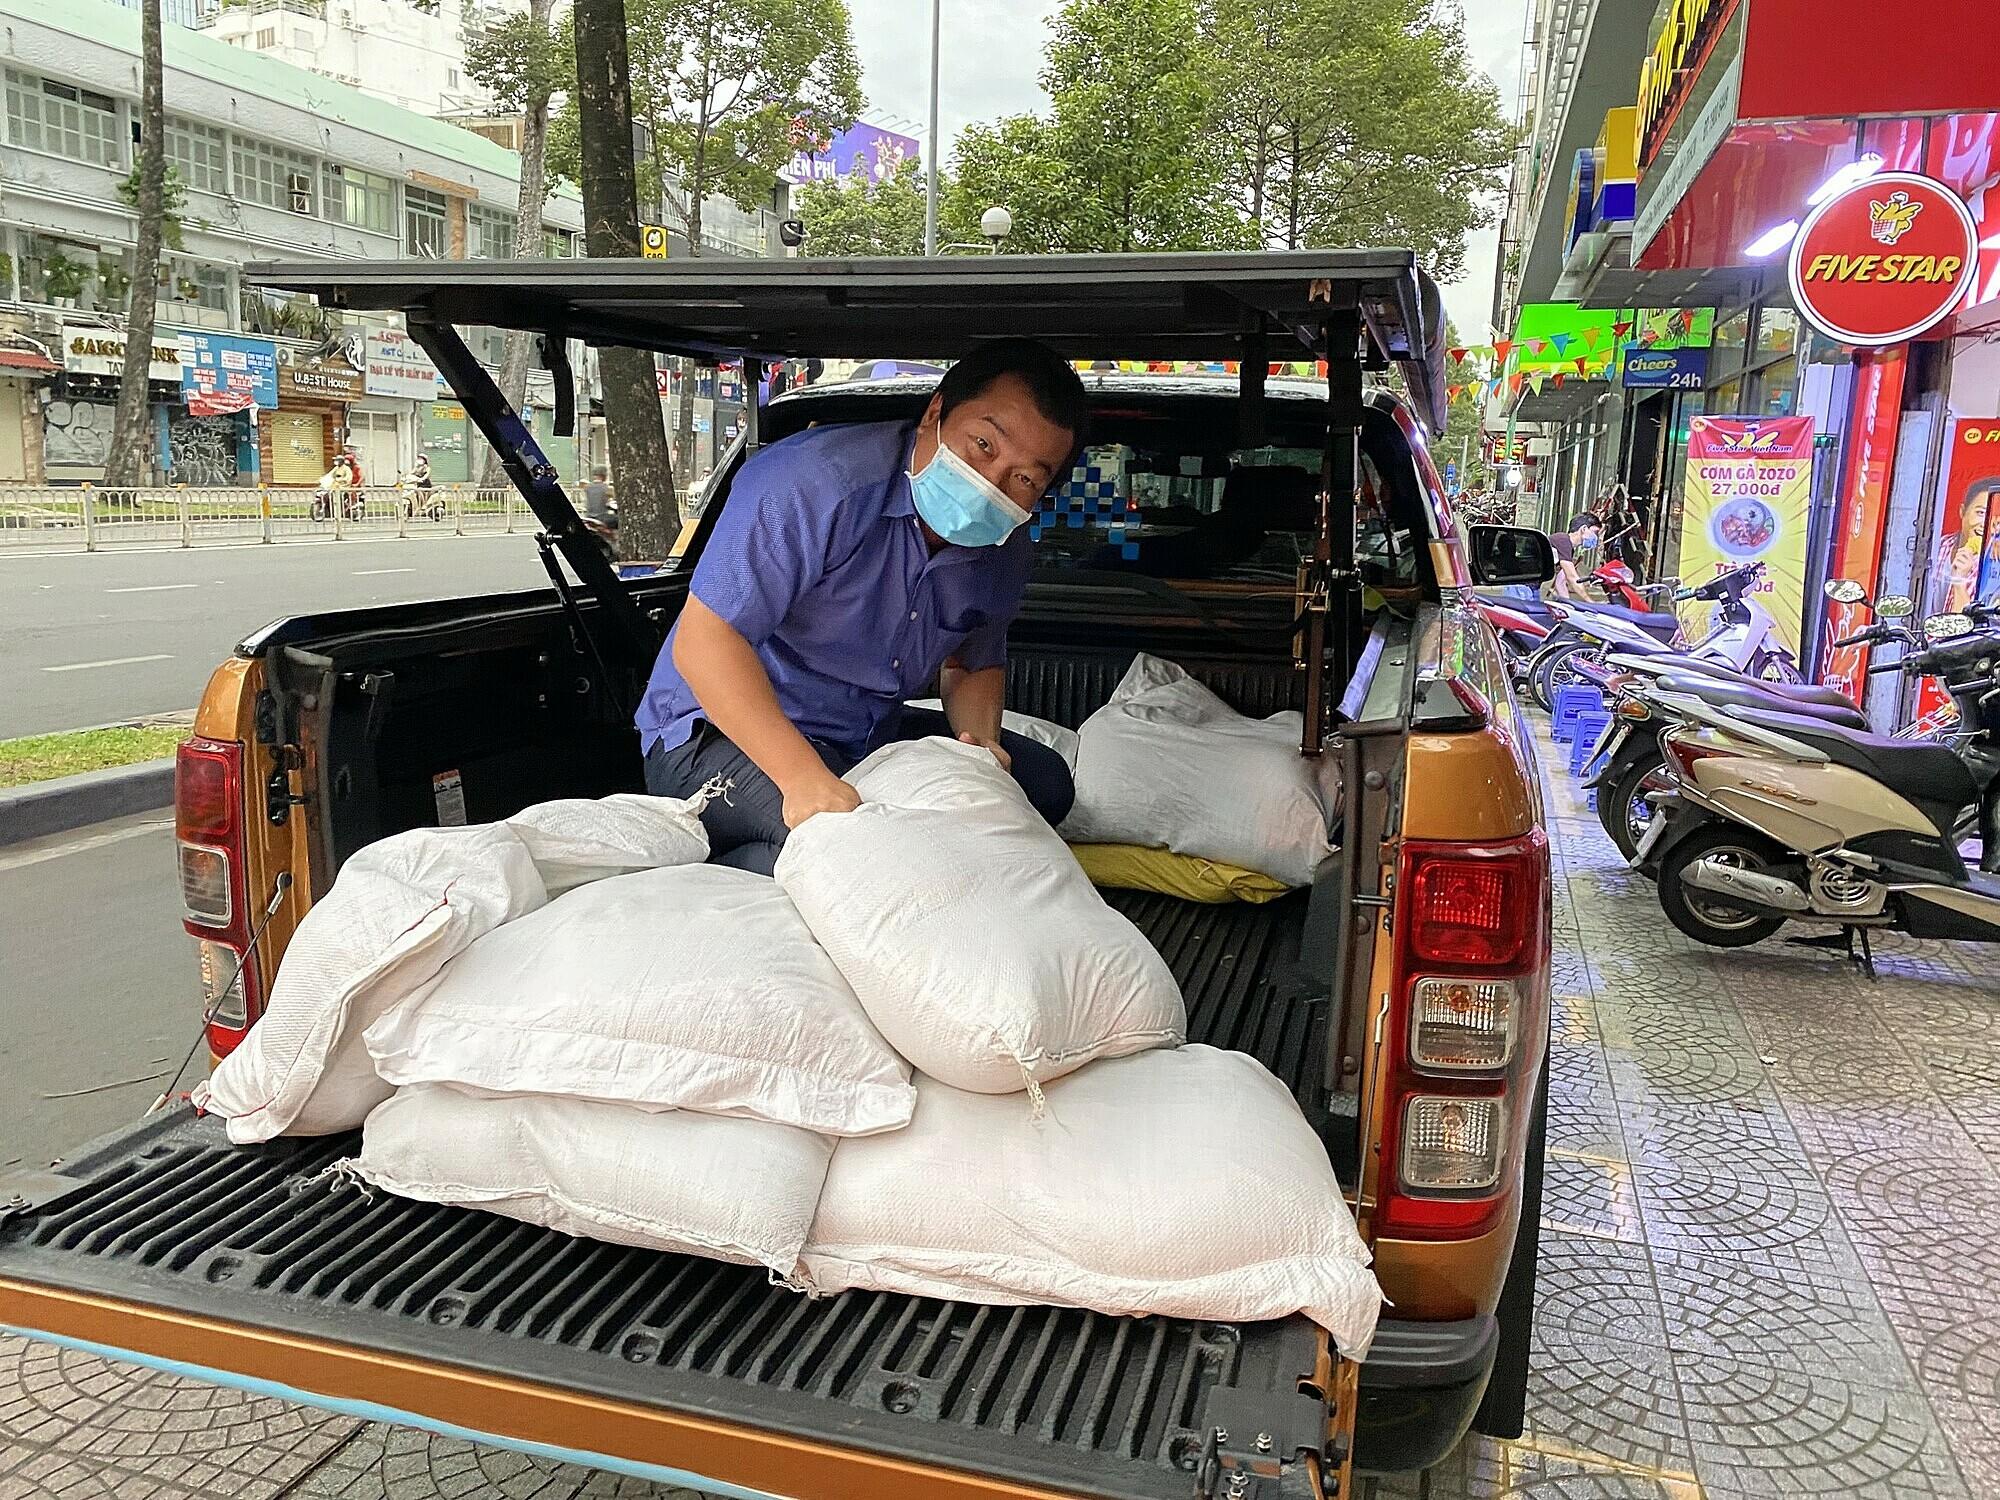 Từ việc nghĩ chỉ hỗ trợ nhóm vài ngày, anh Toàn đã lái xe liên tục hơn nửa tháng nay để vận chuyển hàng hóa. Ảnh: Nhân vật cung cấp.